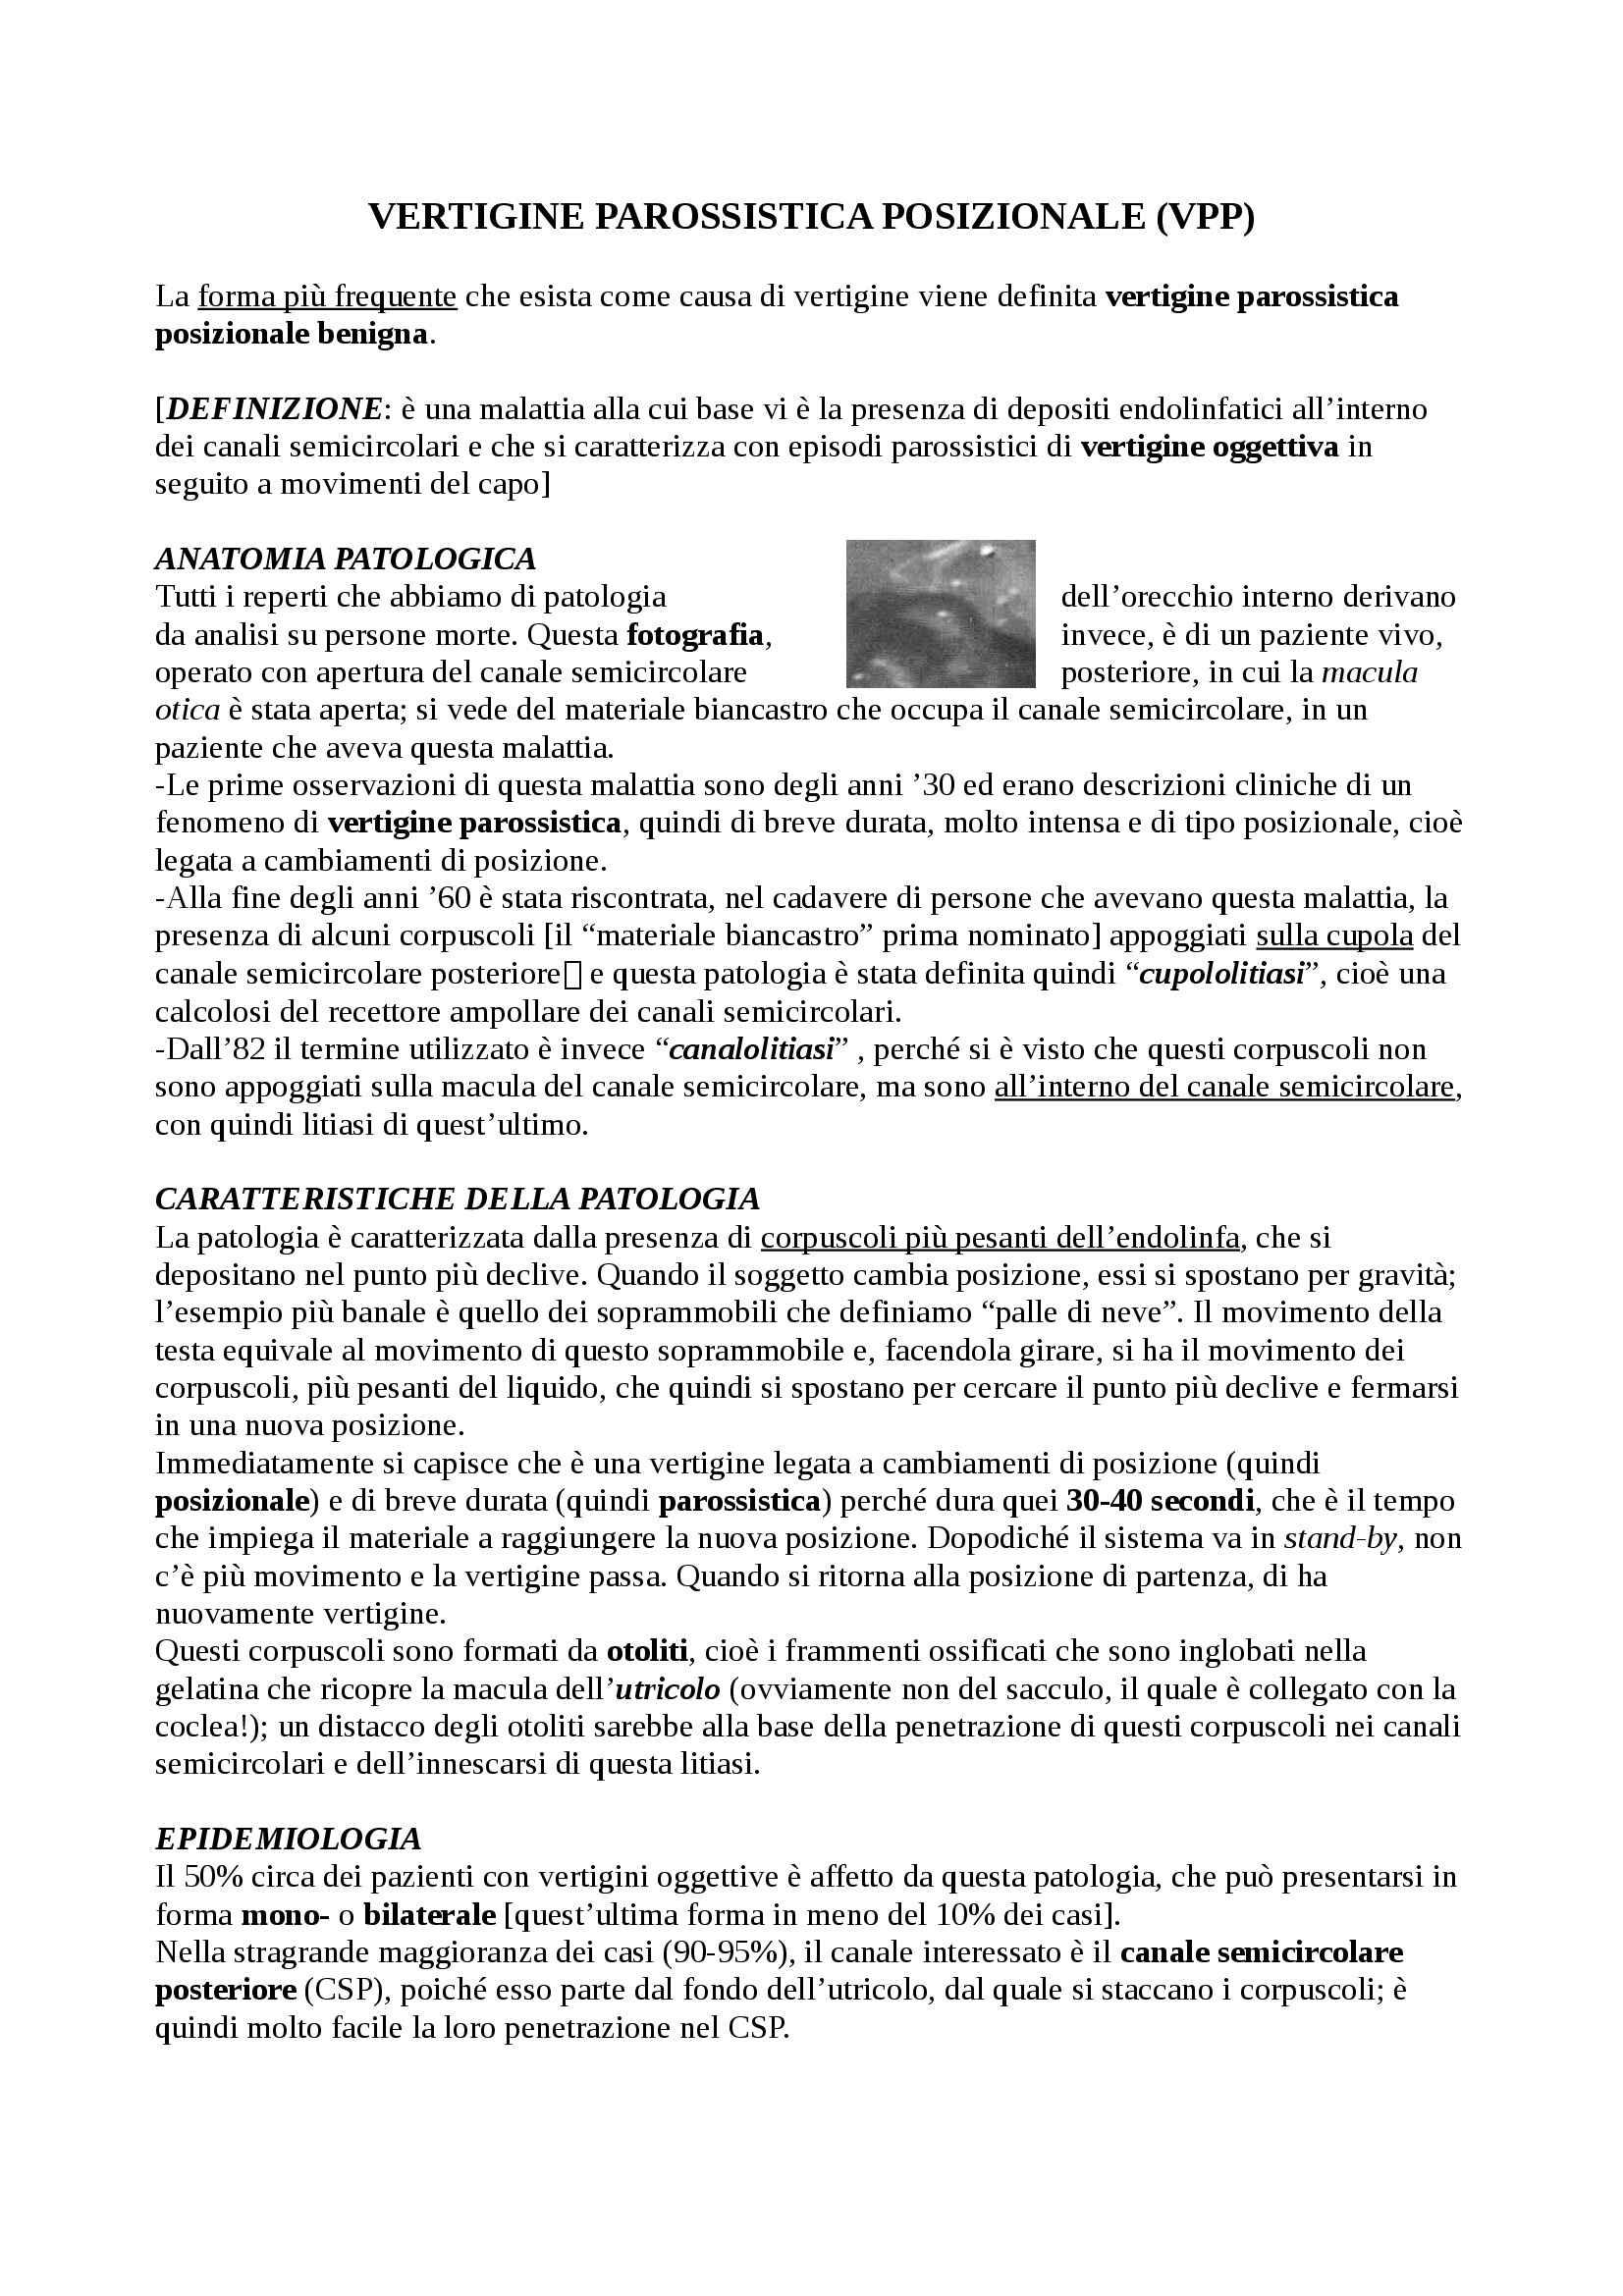 Otorinolaringoiatria - VPP, fistole, sindrome di Minor e disturbi aspecifici dell'equilibrio